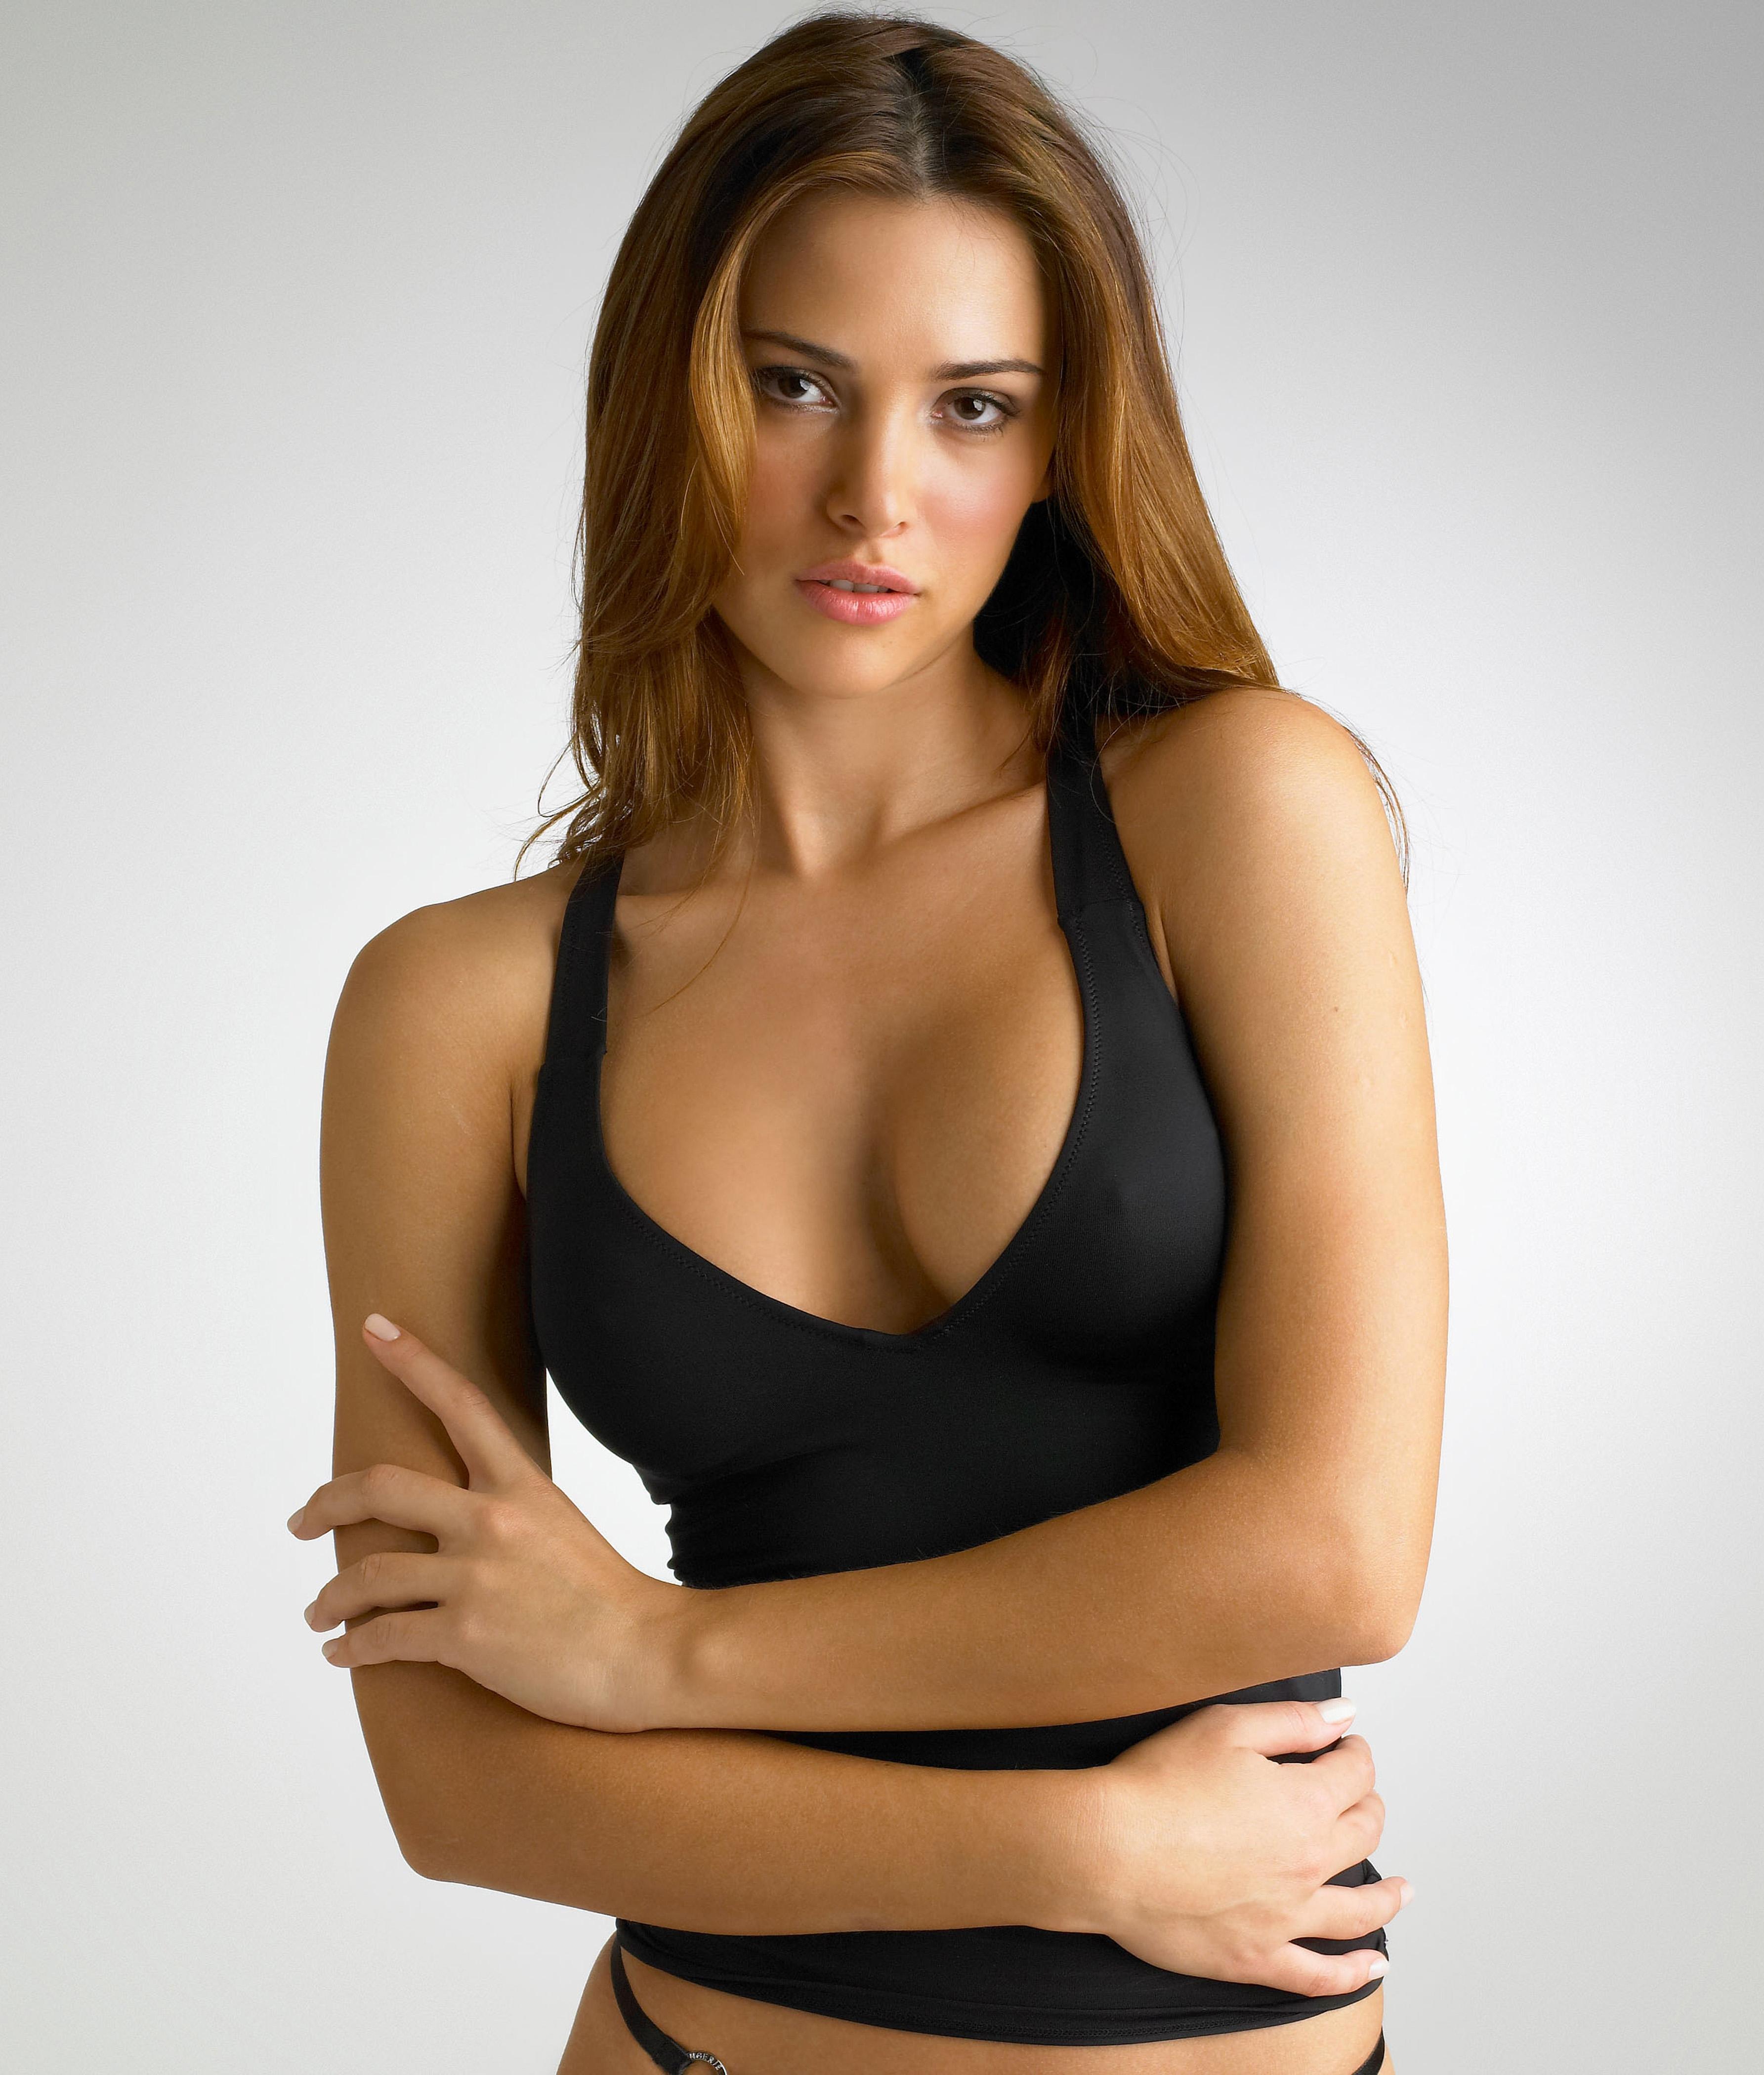 tall skinny women porn